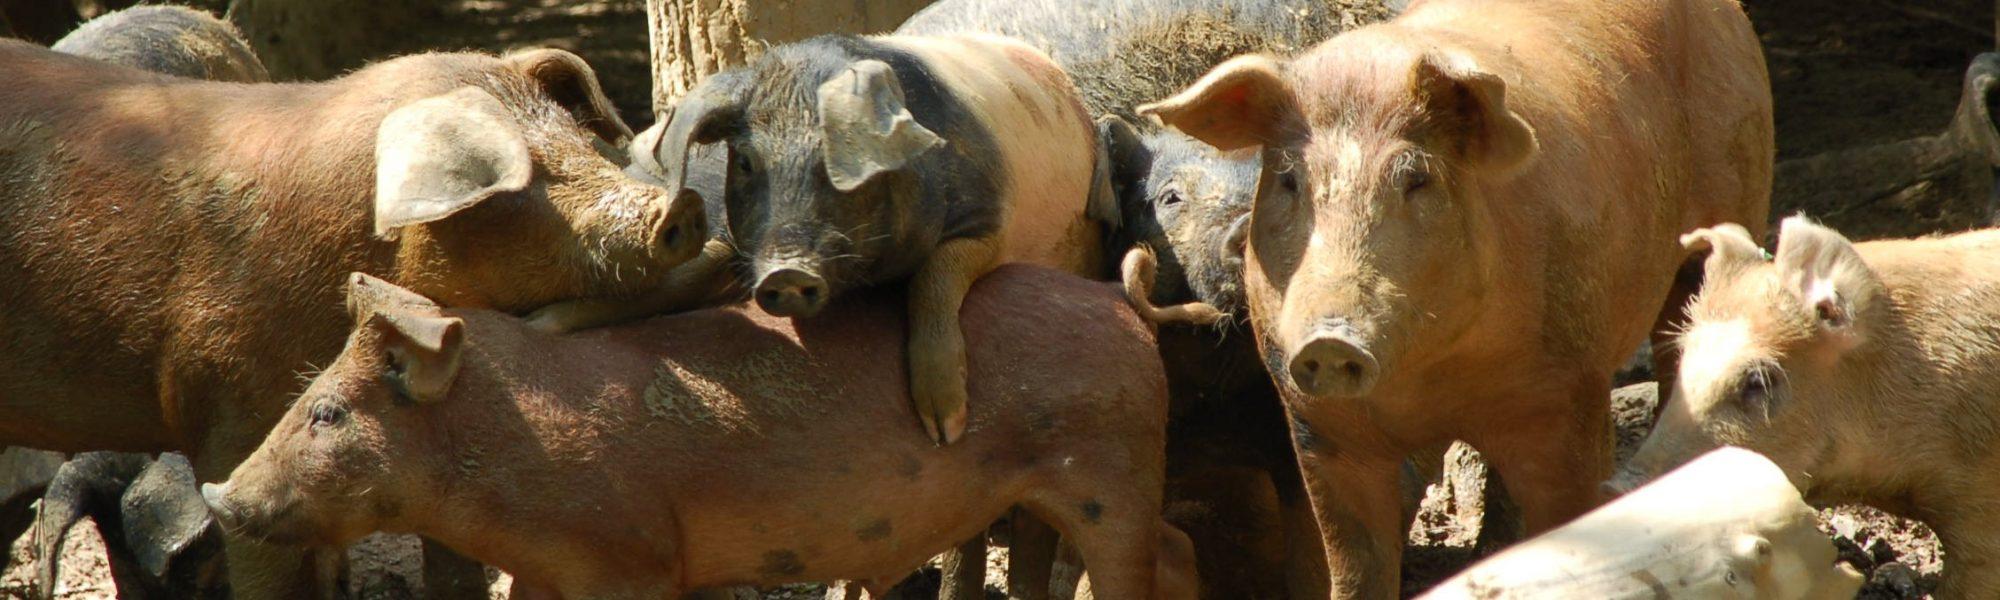 Bio-Landwirtschaft Freilandhaltung Schweine Freiland Verband